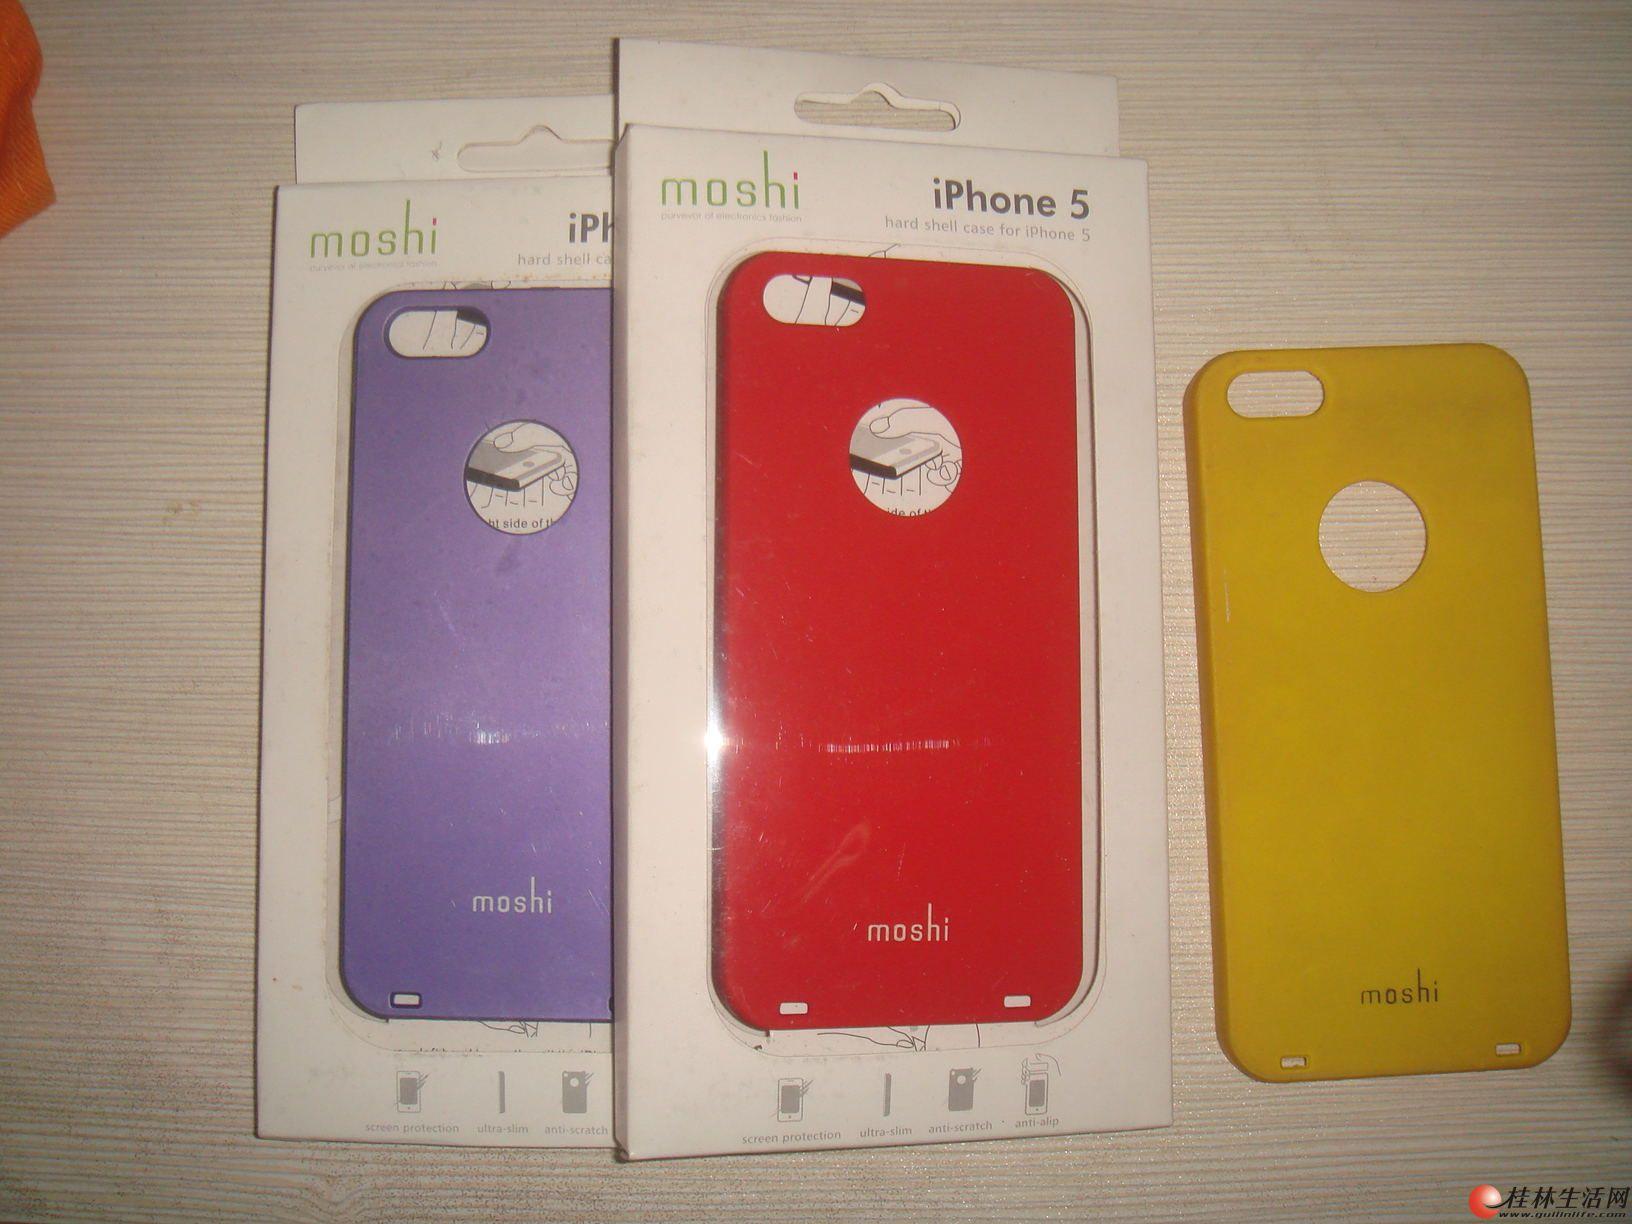 打包一起处理全新苹果5手机壳3个和苹果5贴膜2张